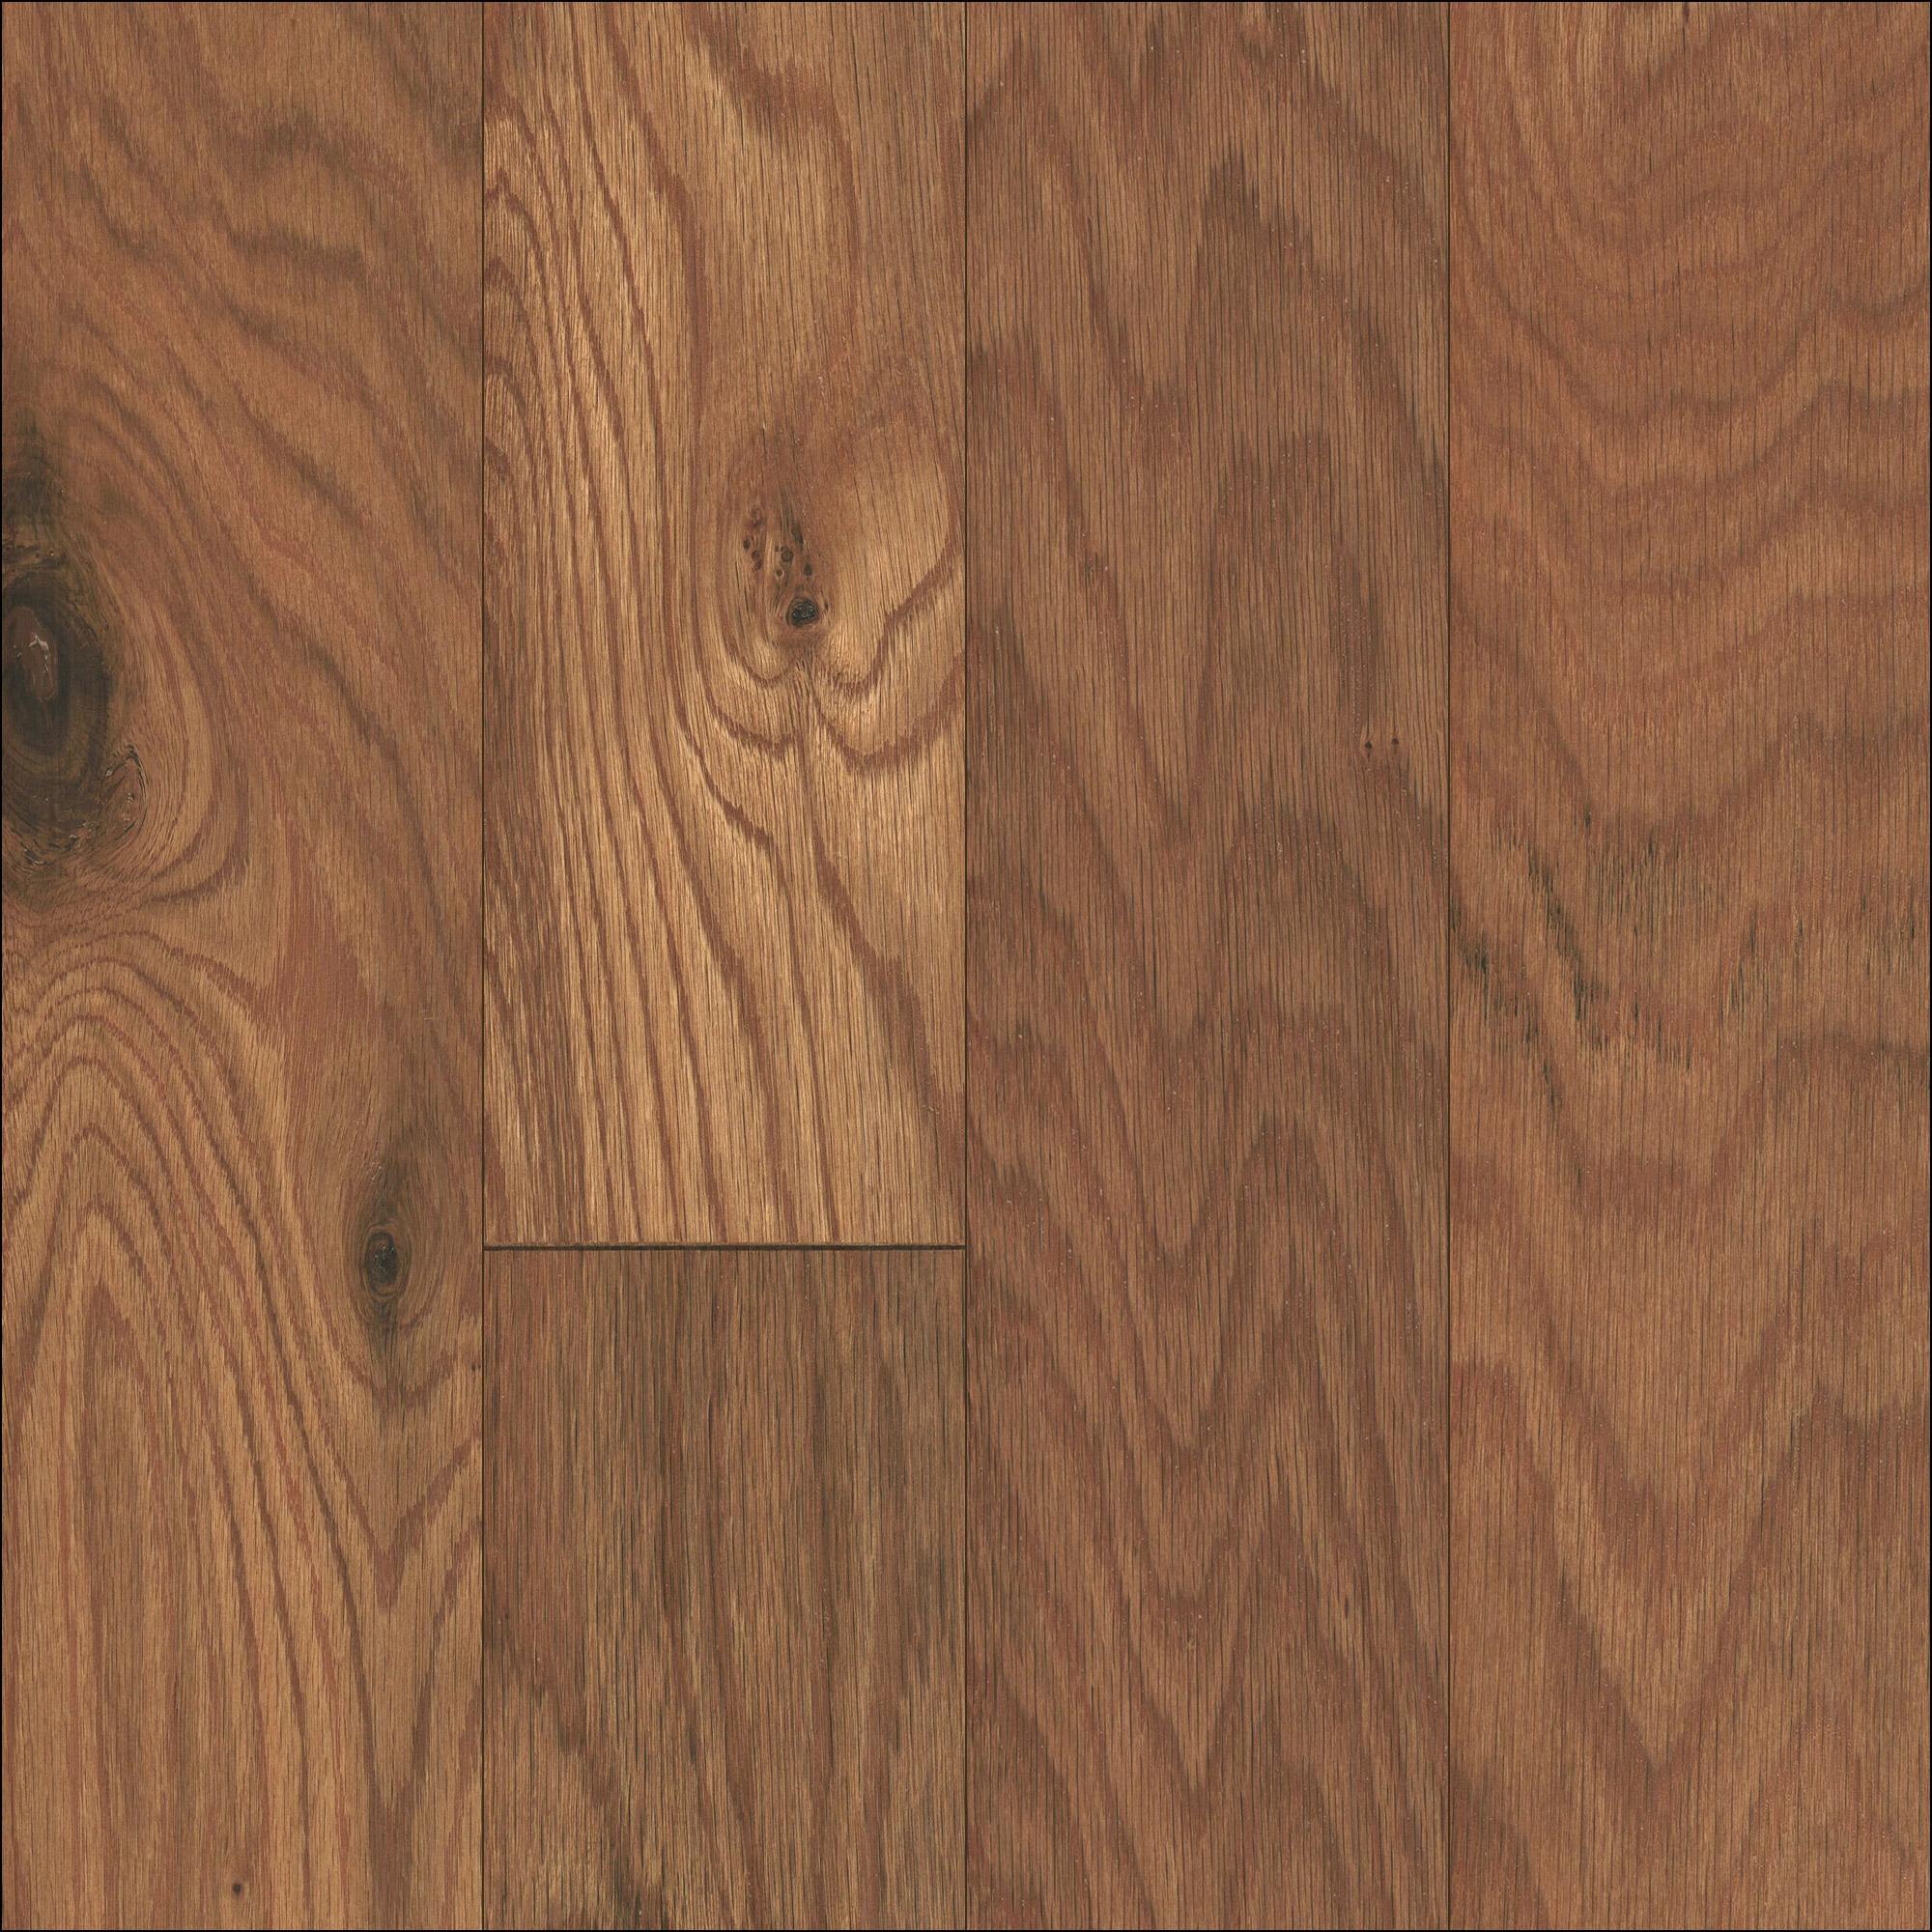 unfinished oak hardwood flooring cost of somerset hickory saddle hardwood flooring collection mullican throughout somerset hickory saddle hardwood flooring collection mullican ridgecrest white oak caramel 1 2 thick 5